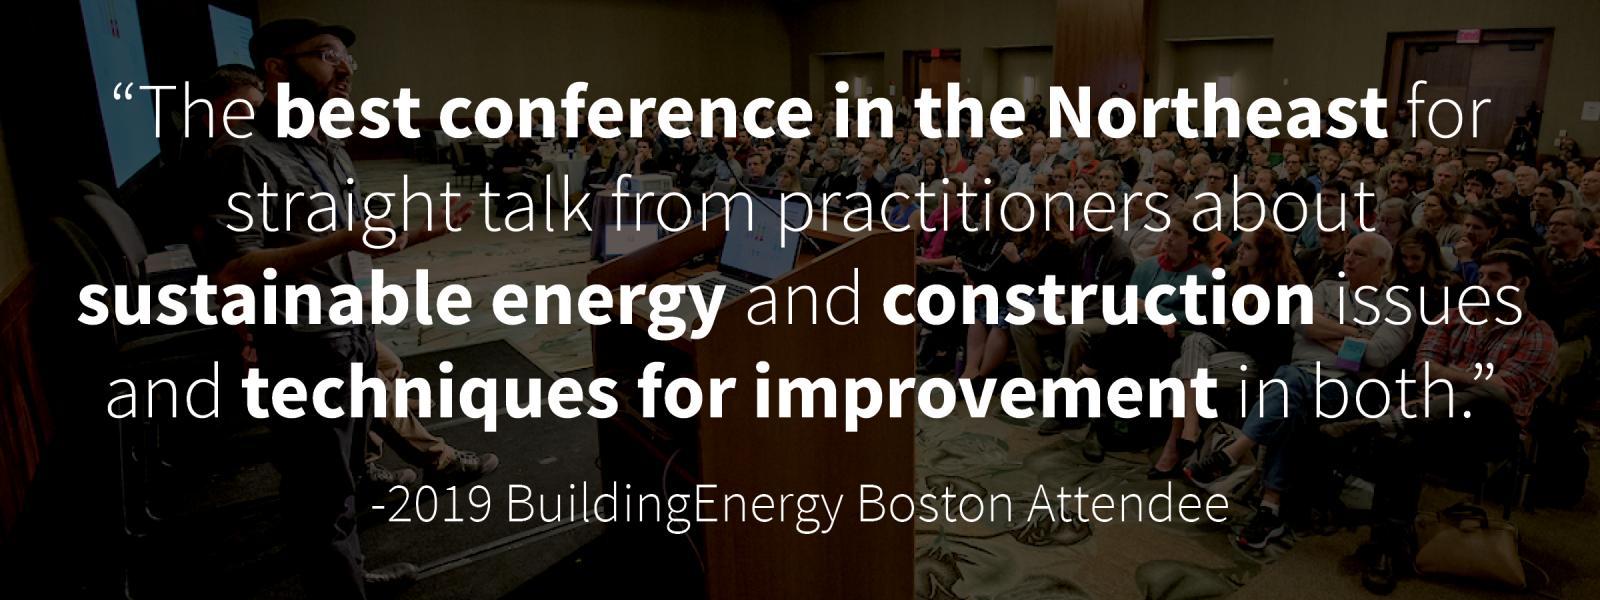 BuildingEnergy Boston | NESEA